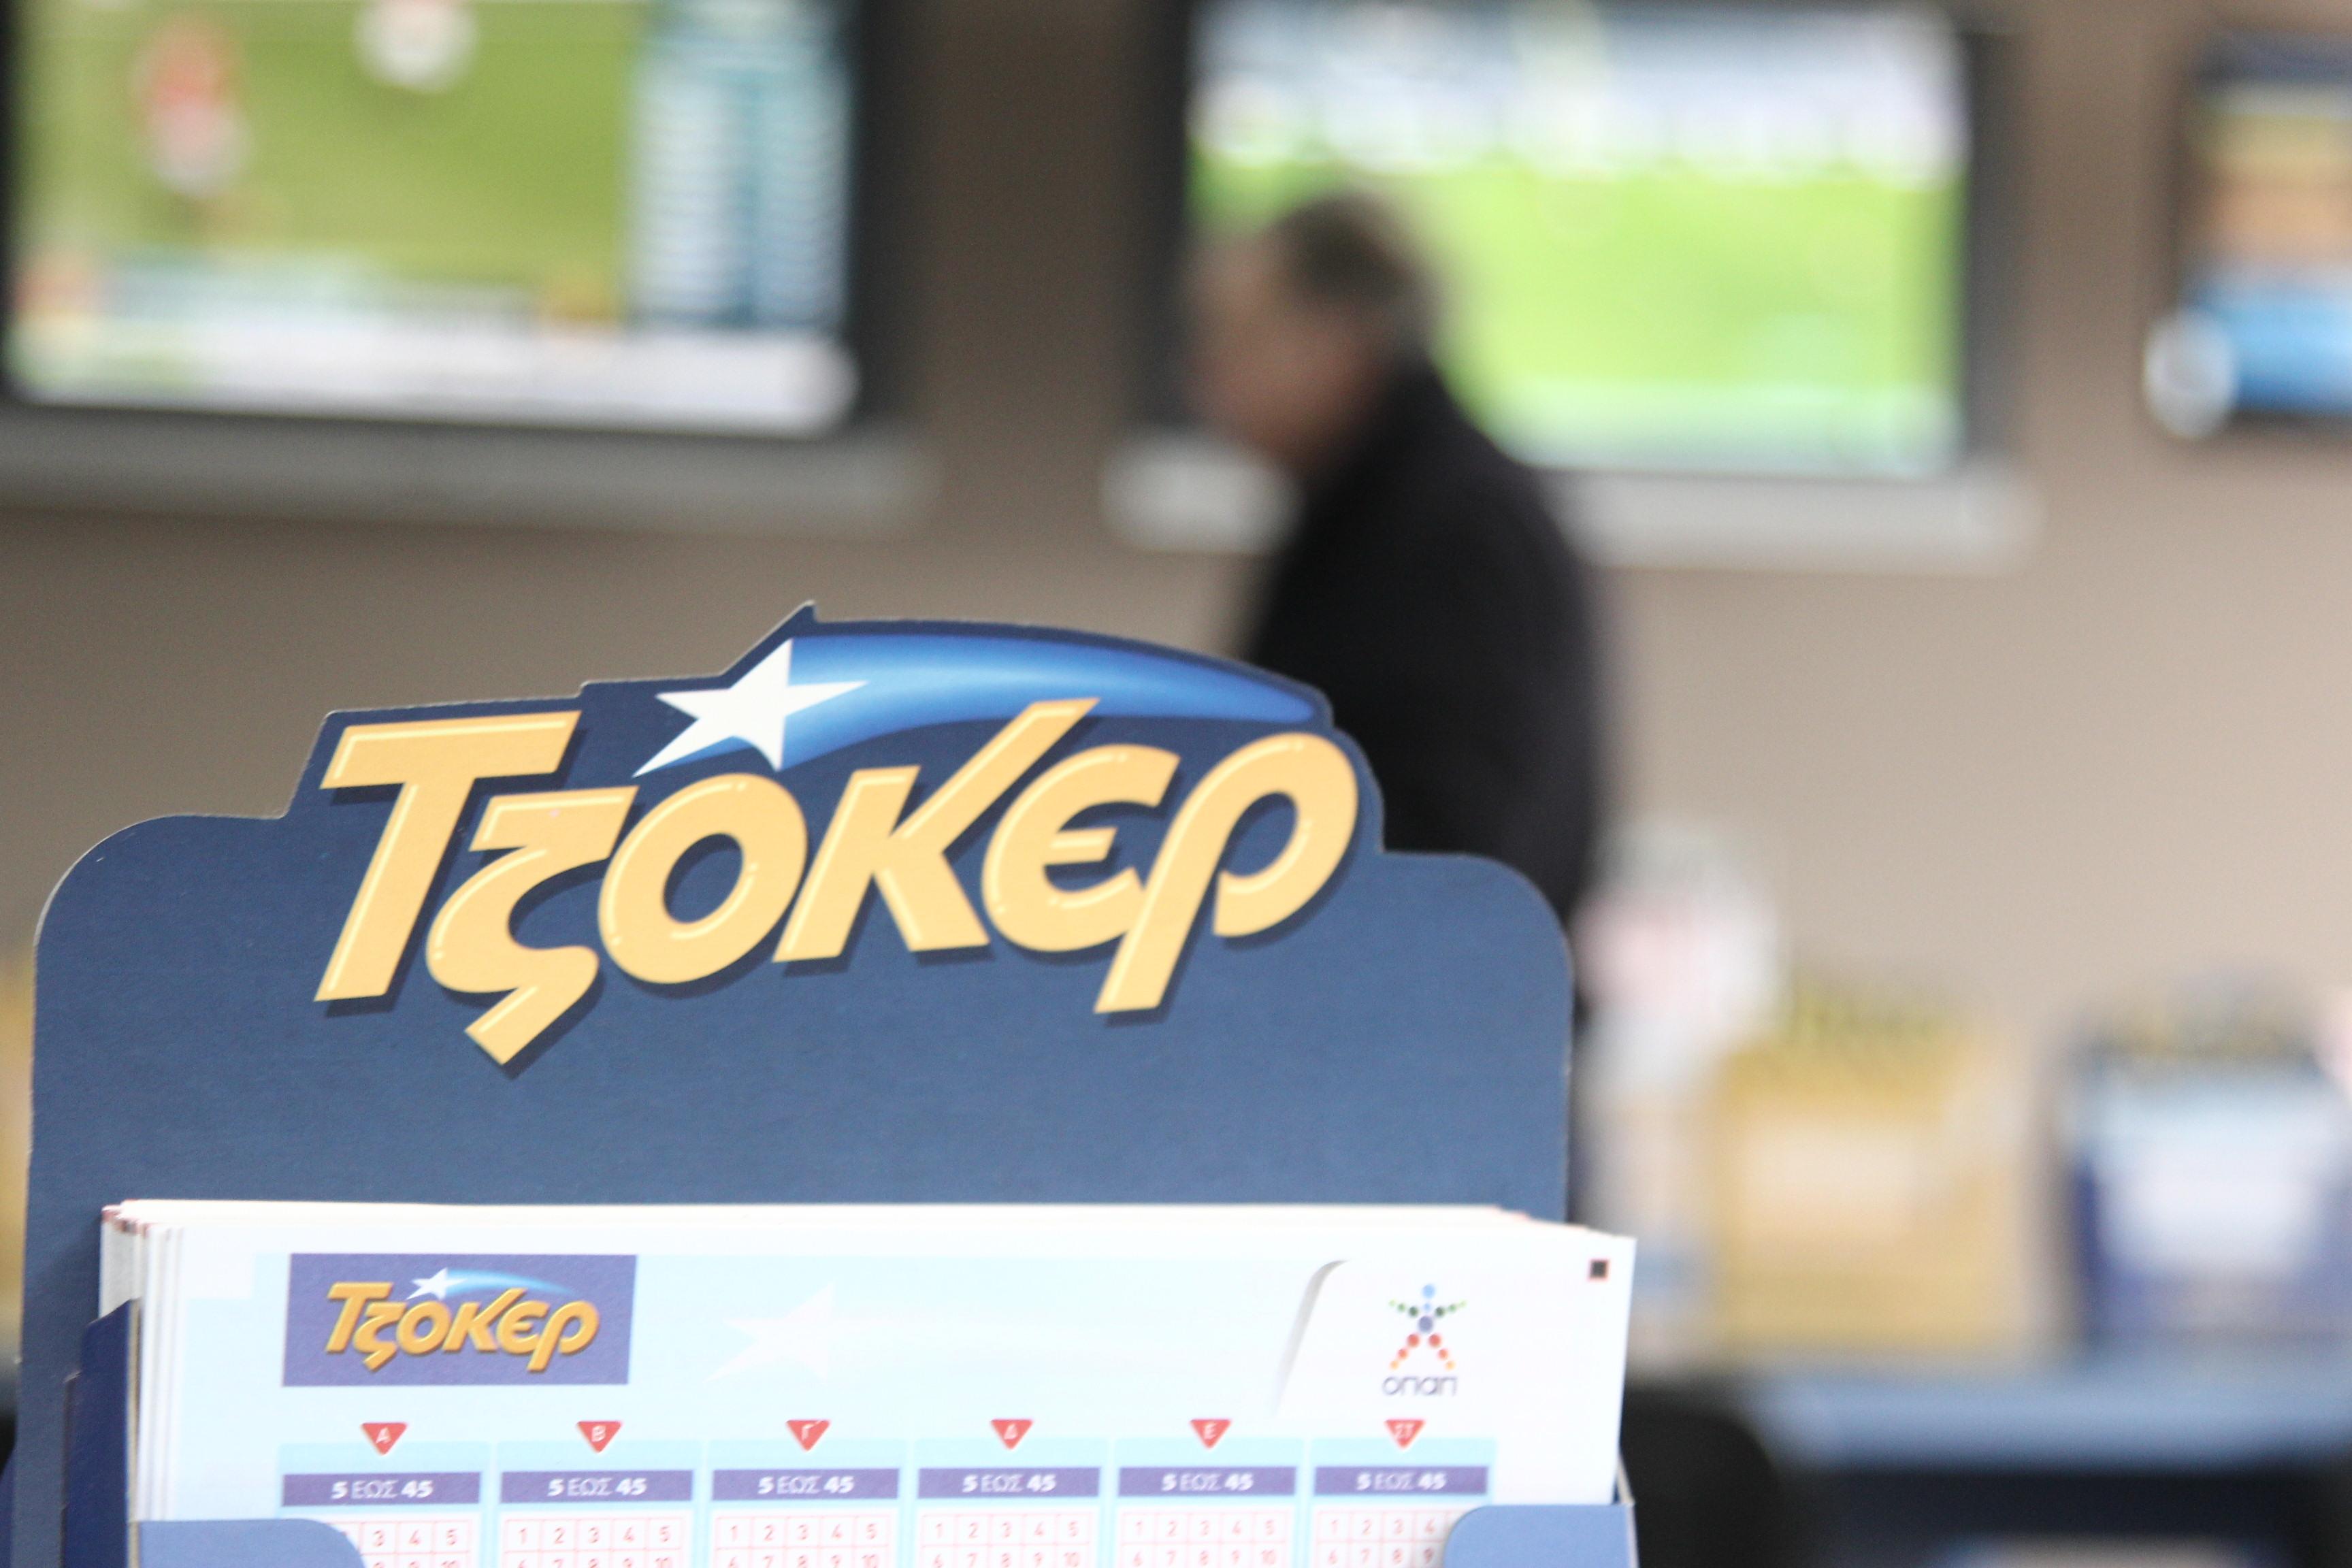 Τζακ-ποτ στην κλήρωση του Τζόκερ – €1,6 εκατ. θα μοιράσει την Κυριακή | tovima.gr